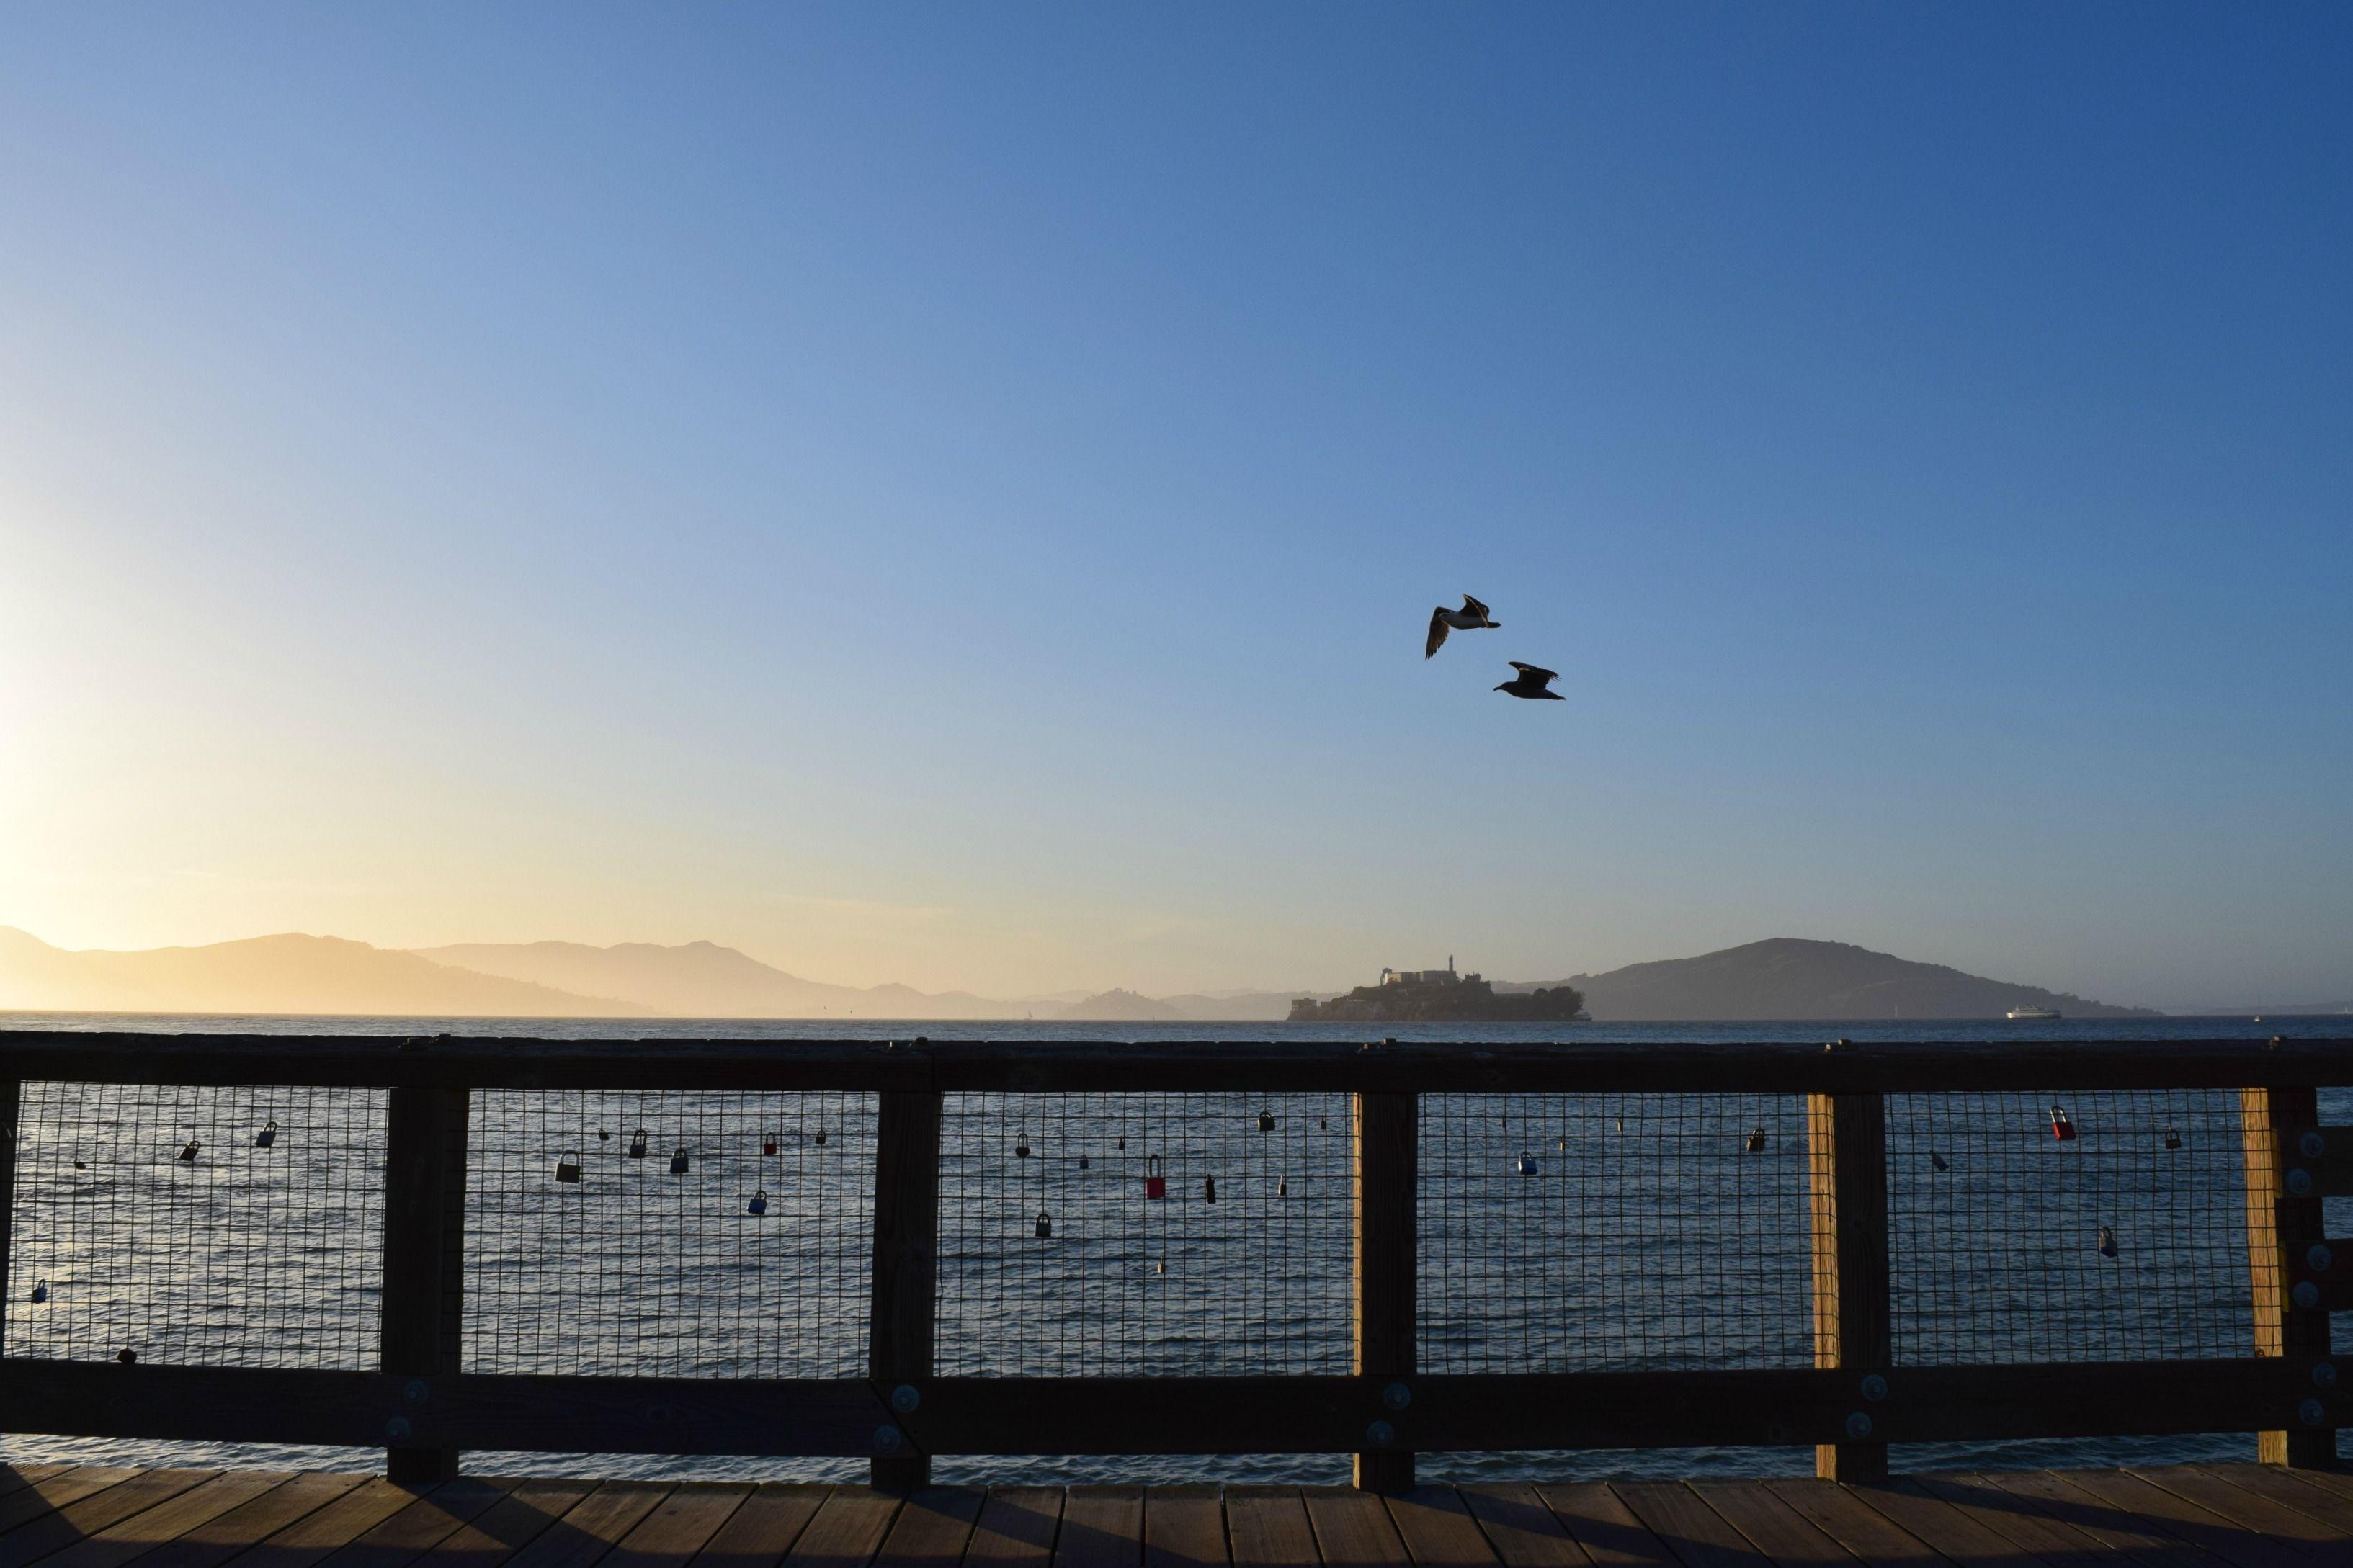 #birds #montains #change #sun